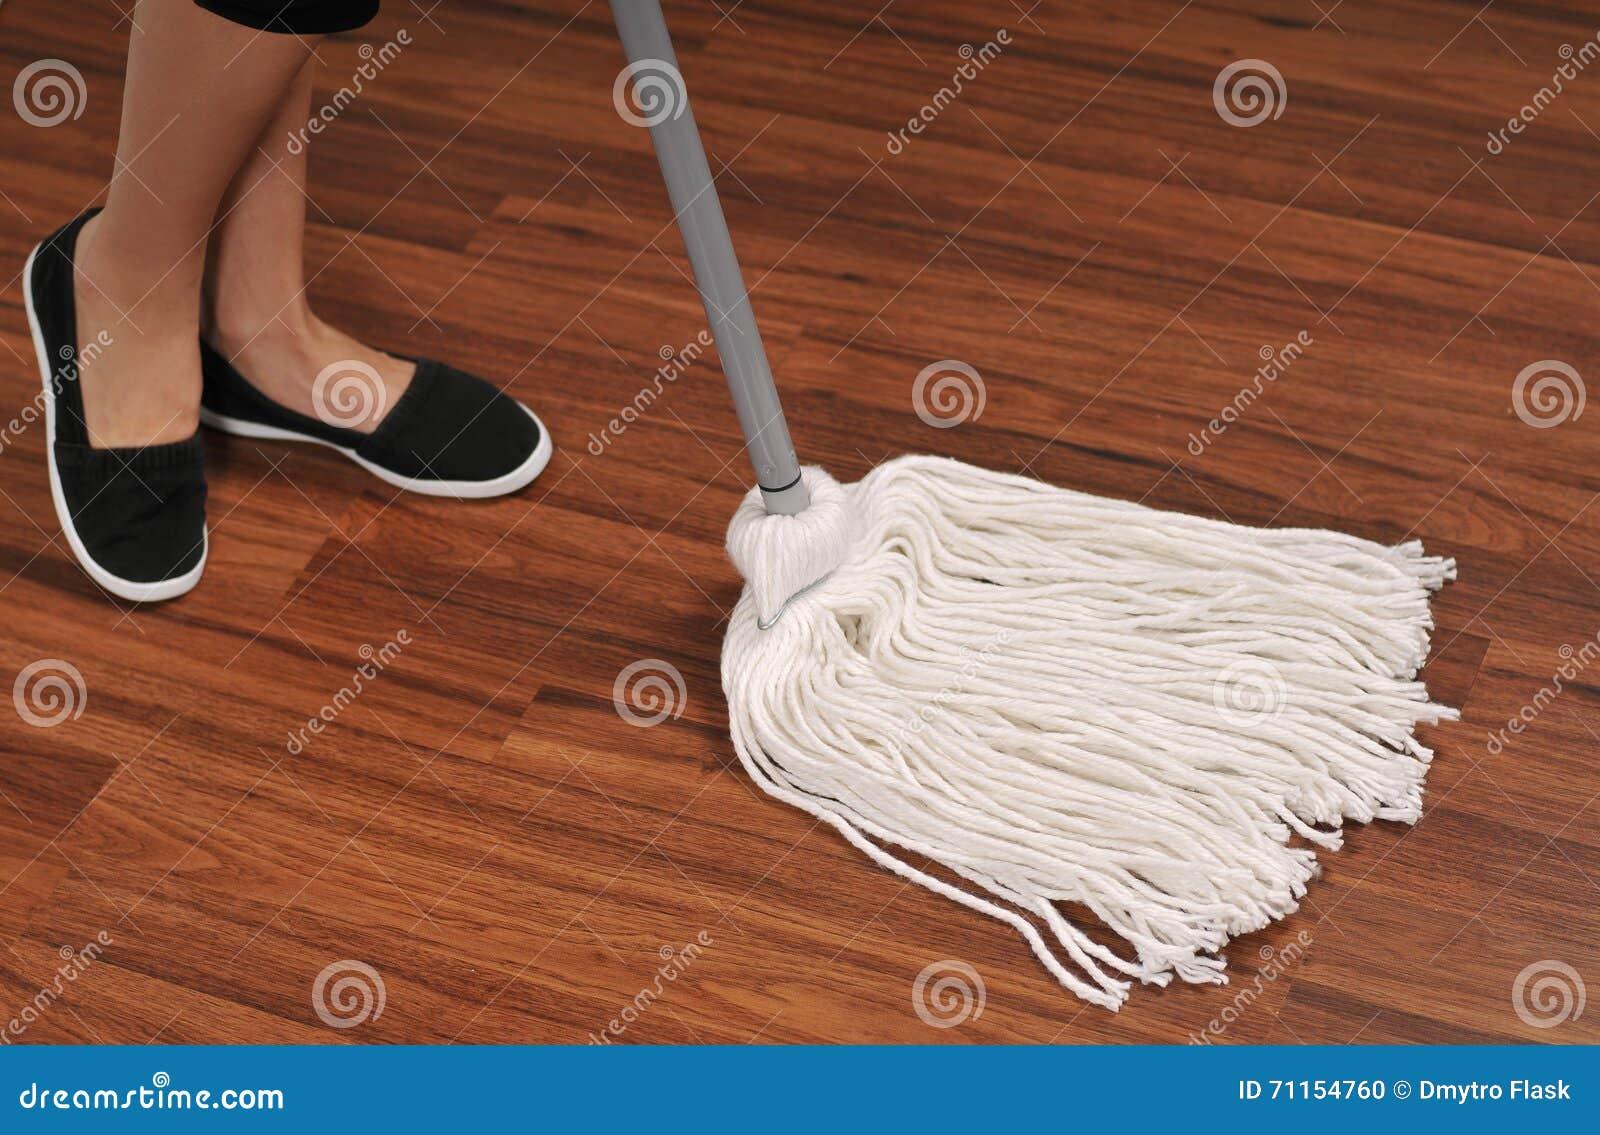 Como limpiar suelo de madera awesome cmo acuchillar el - Limpiar suelo de madera ...